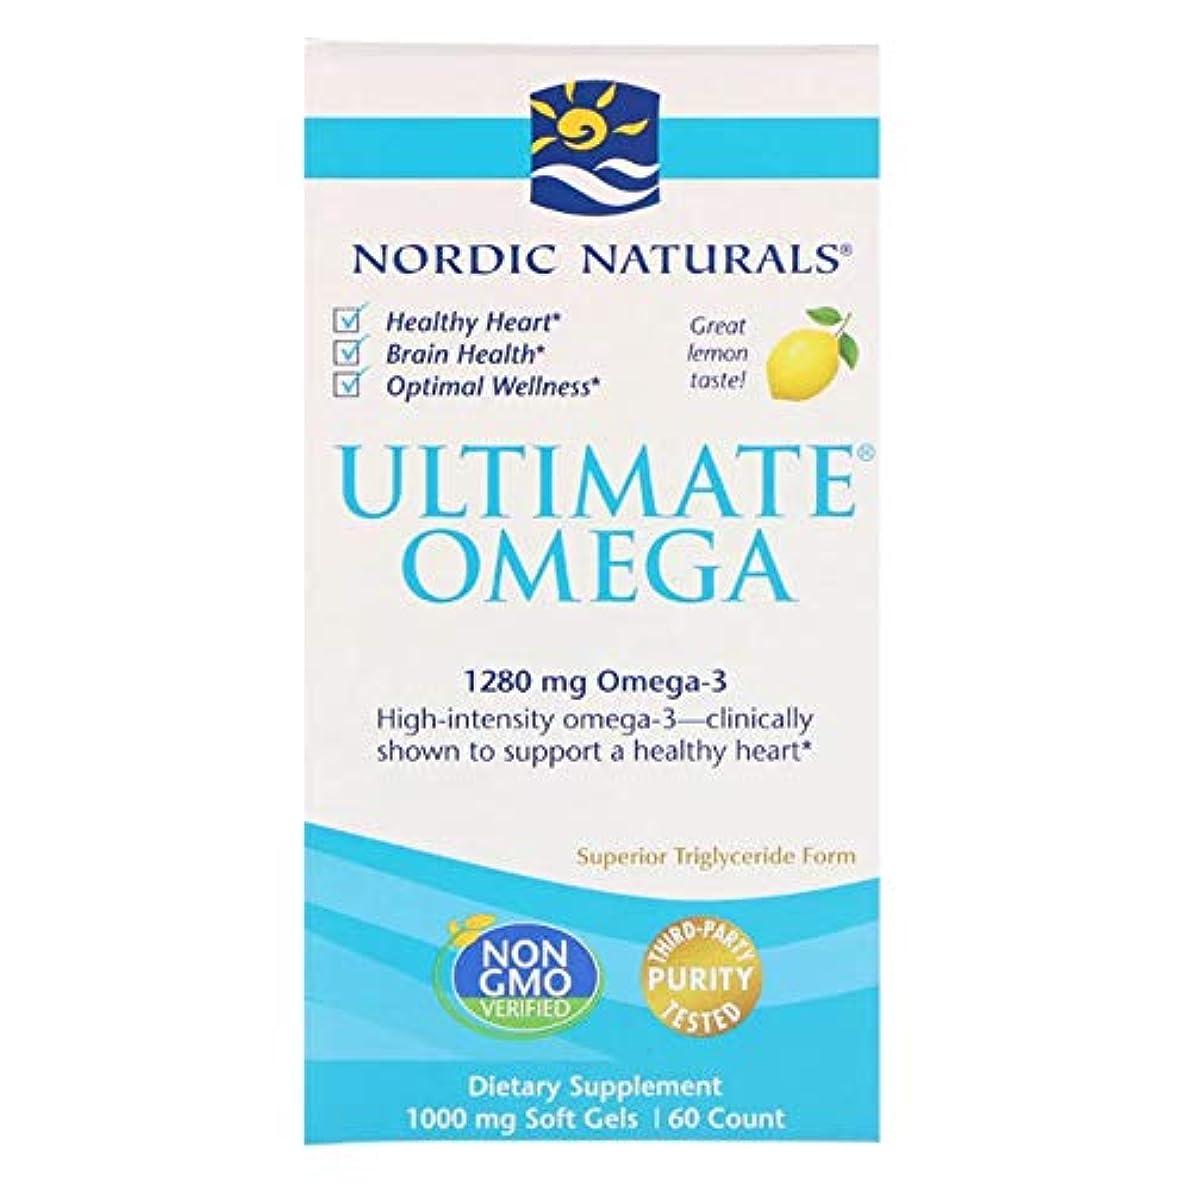 マトリックスする必要があるキリマンジャロNordic Naturals 究極のオメガ レモン 1280 mg 60ソフトゼリー 【アメリカ直送】